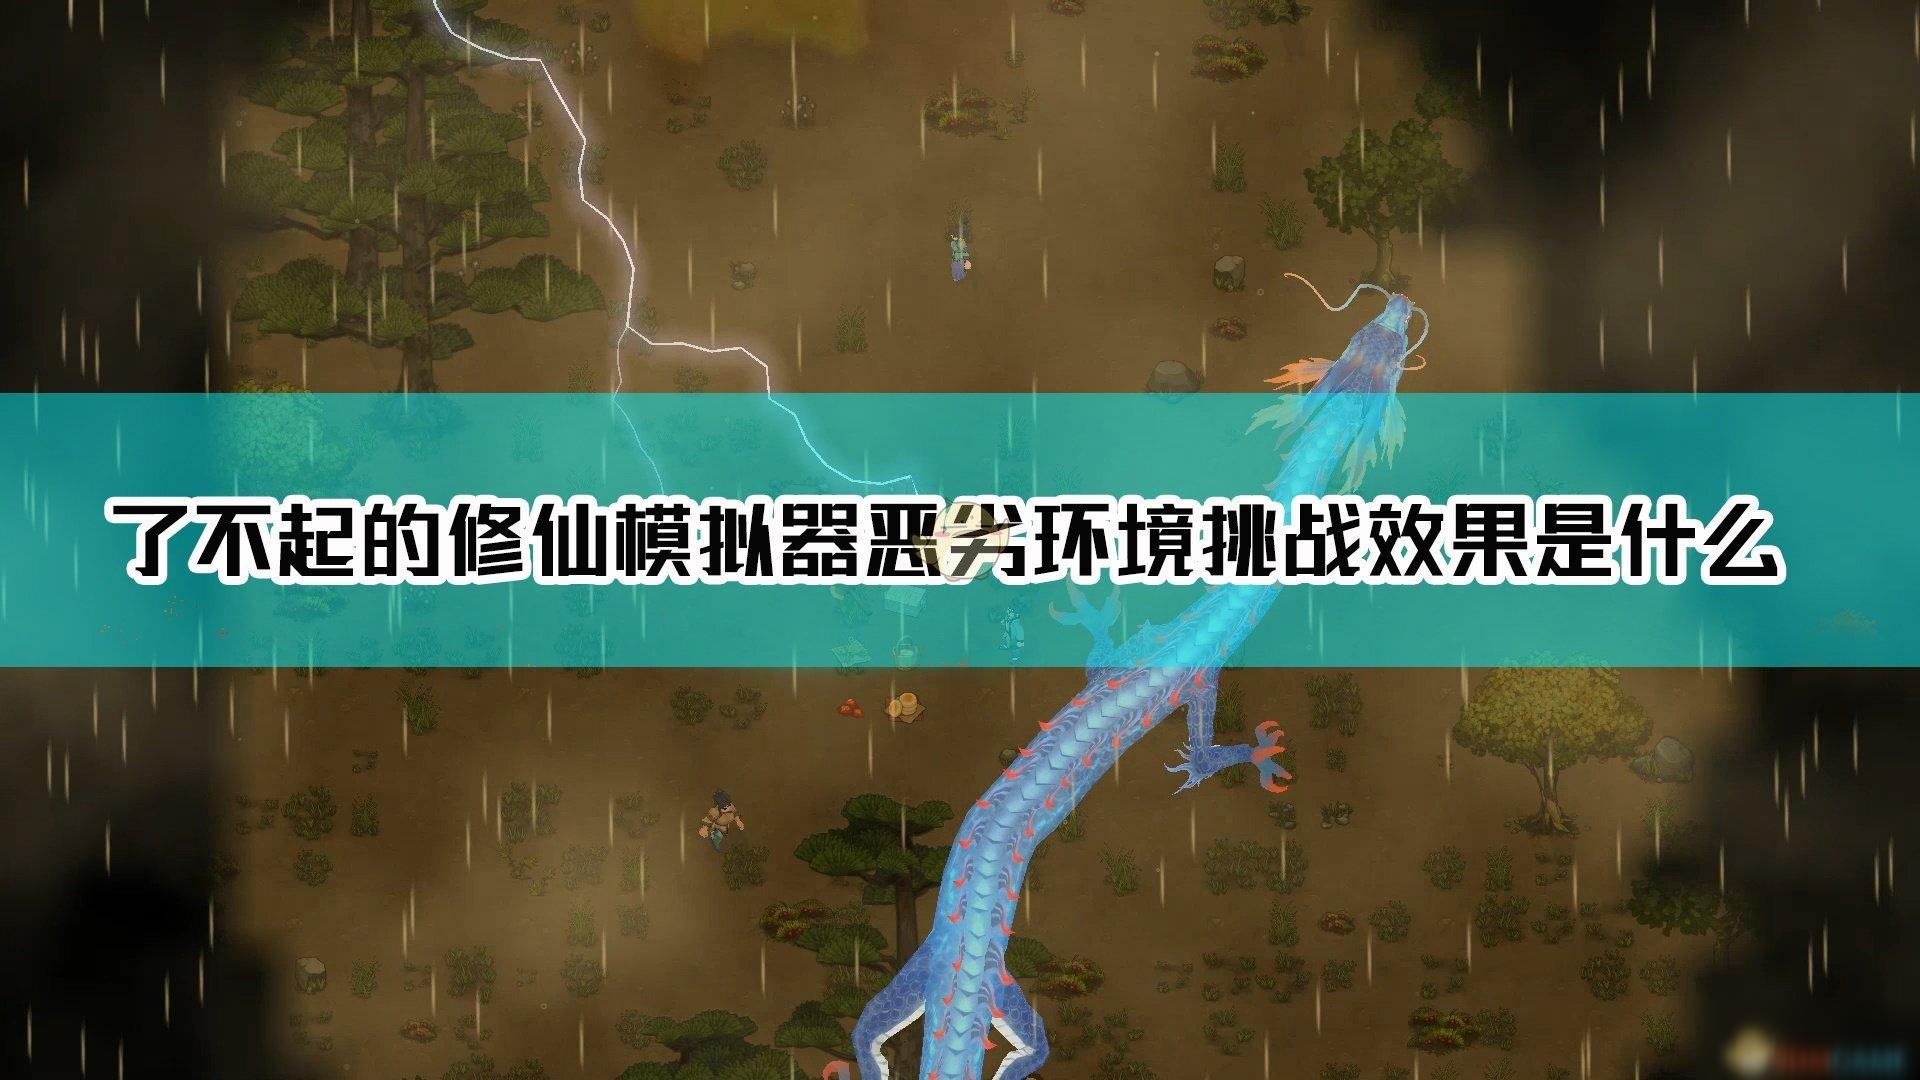 《了不起的修仙模拟器》风雨无阻成就达成条件介绍